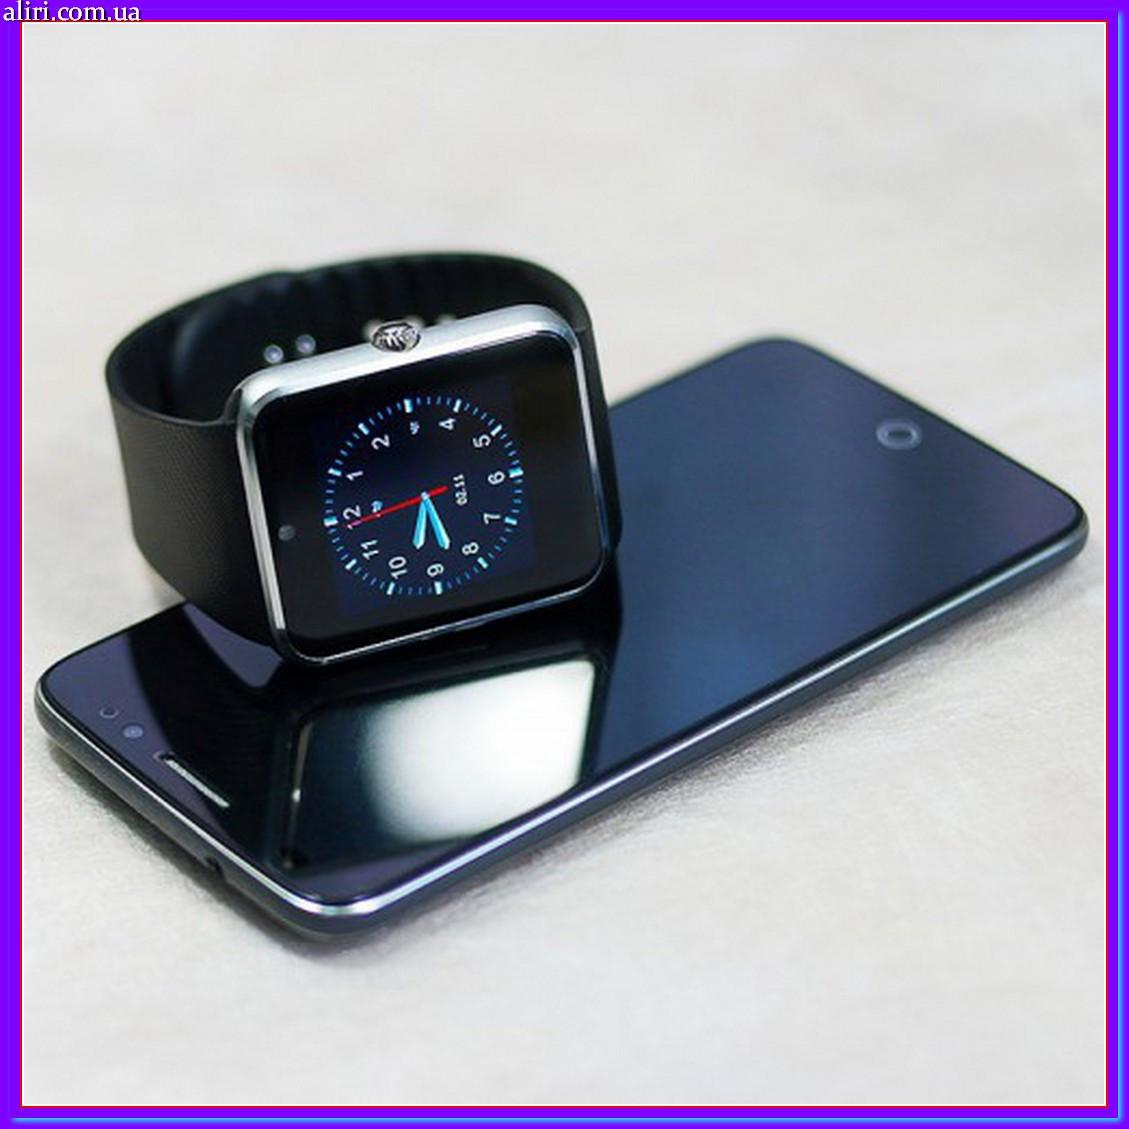 49b1070d9d61 Часы смарт Smart watch GT08